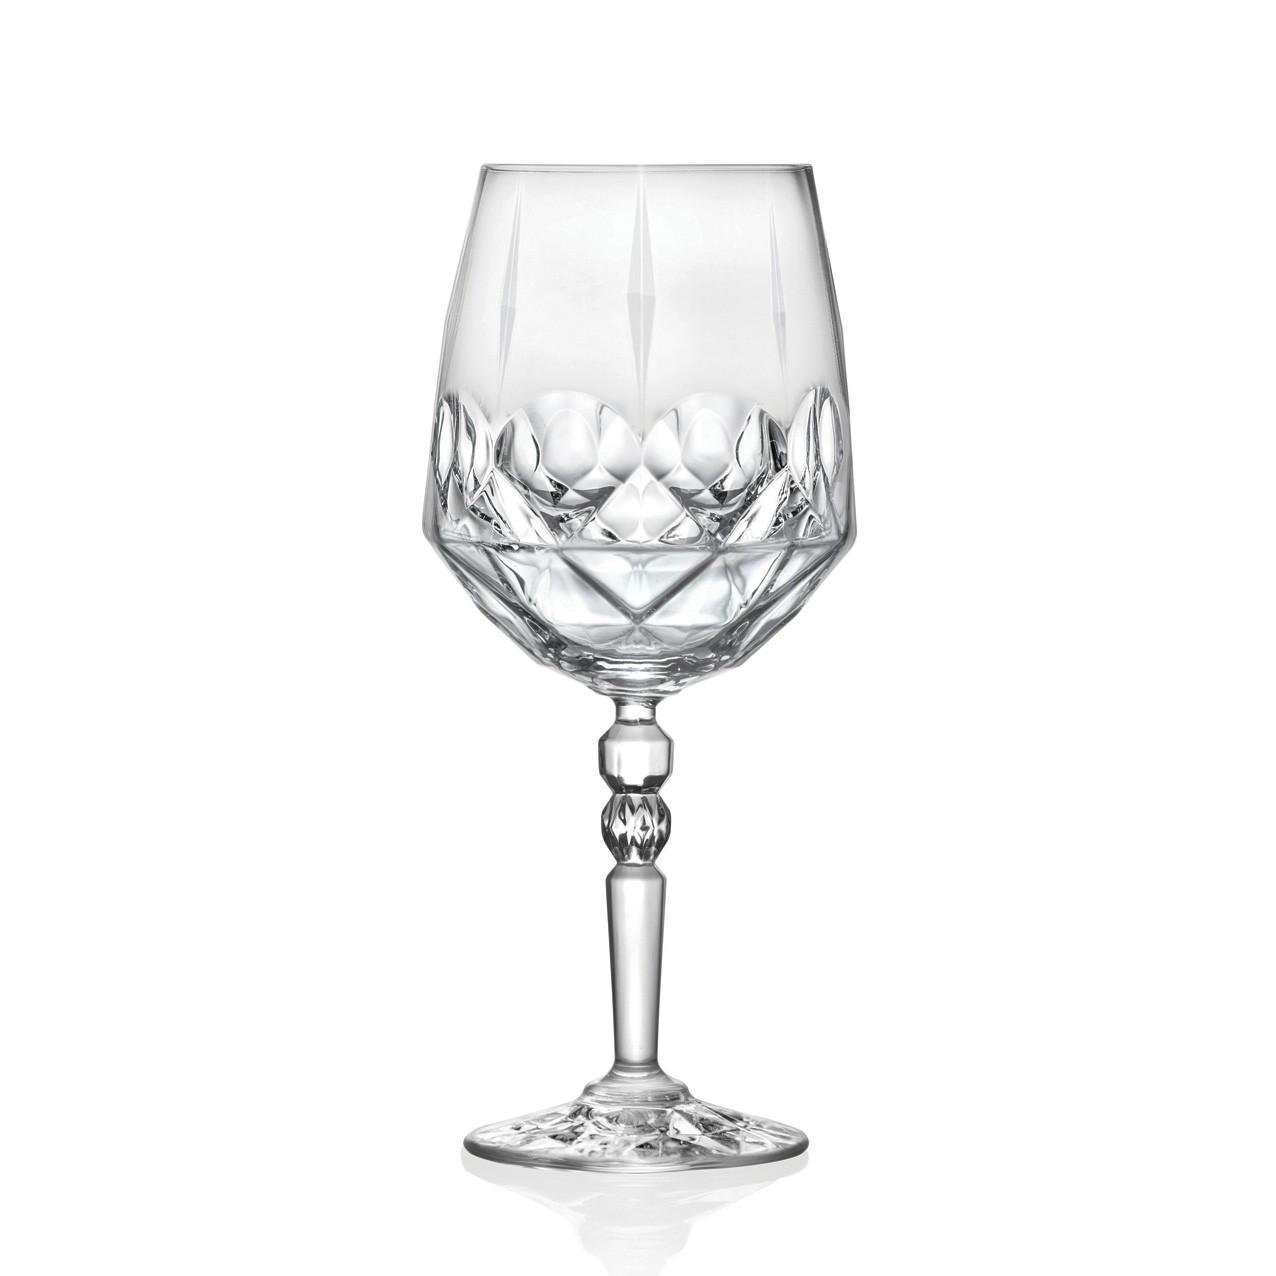 Ποτήρι Cocktail Κρυστάλλινο Alkemist 667ml Rcr home   ειδη σερβιρισματος   ποτήρια